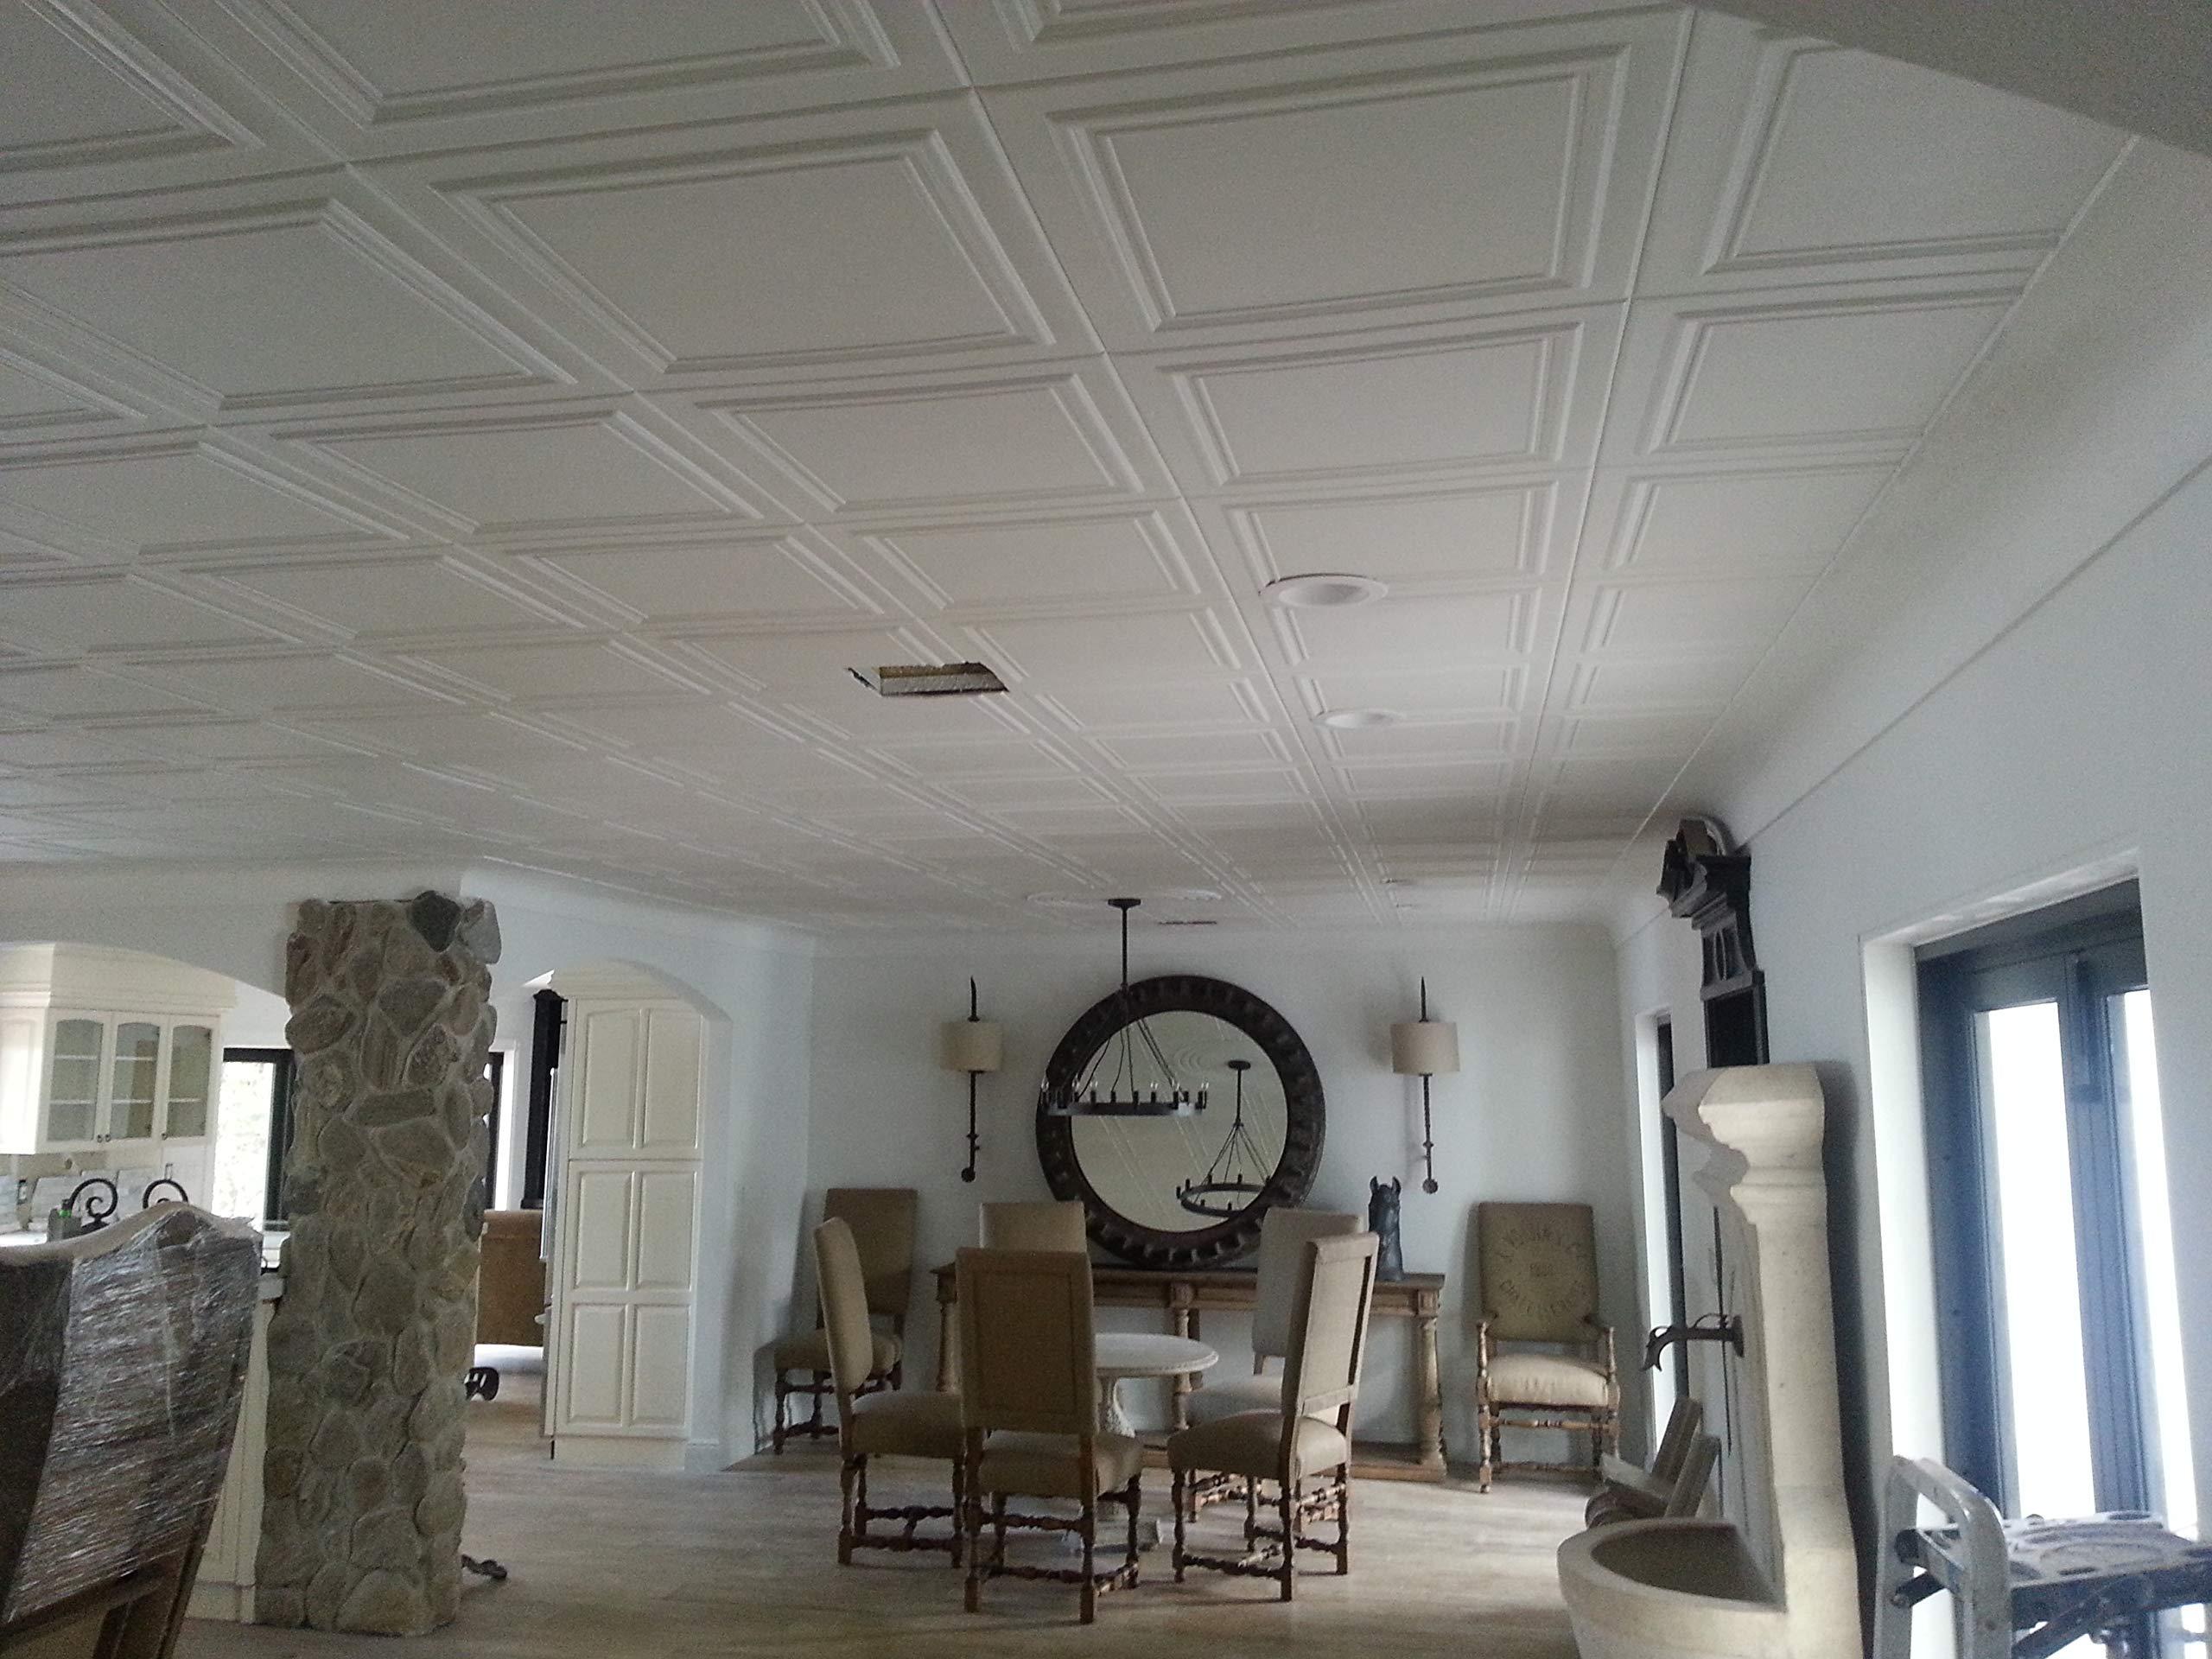 A la Maison Ceilings 1993 Line Art - Styrofoam Ceiling Tile (Package of 8 Tiles), Plain White by A La Maison Ceilings (Image #5)